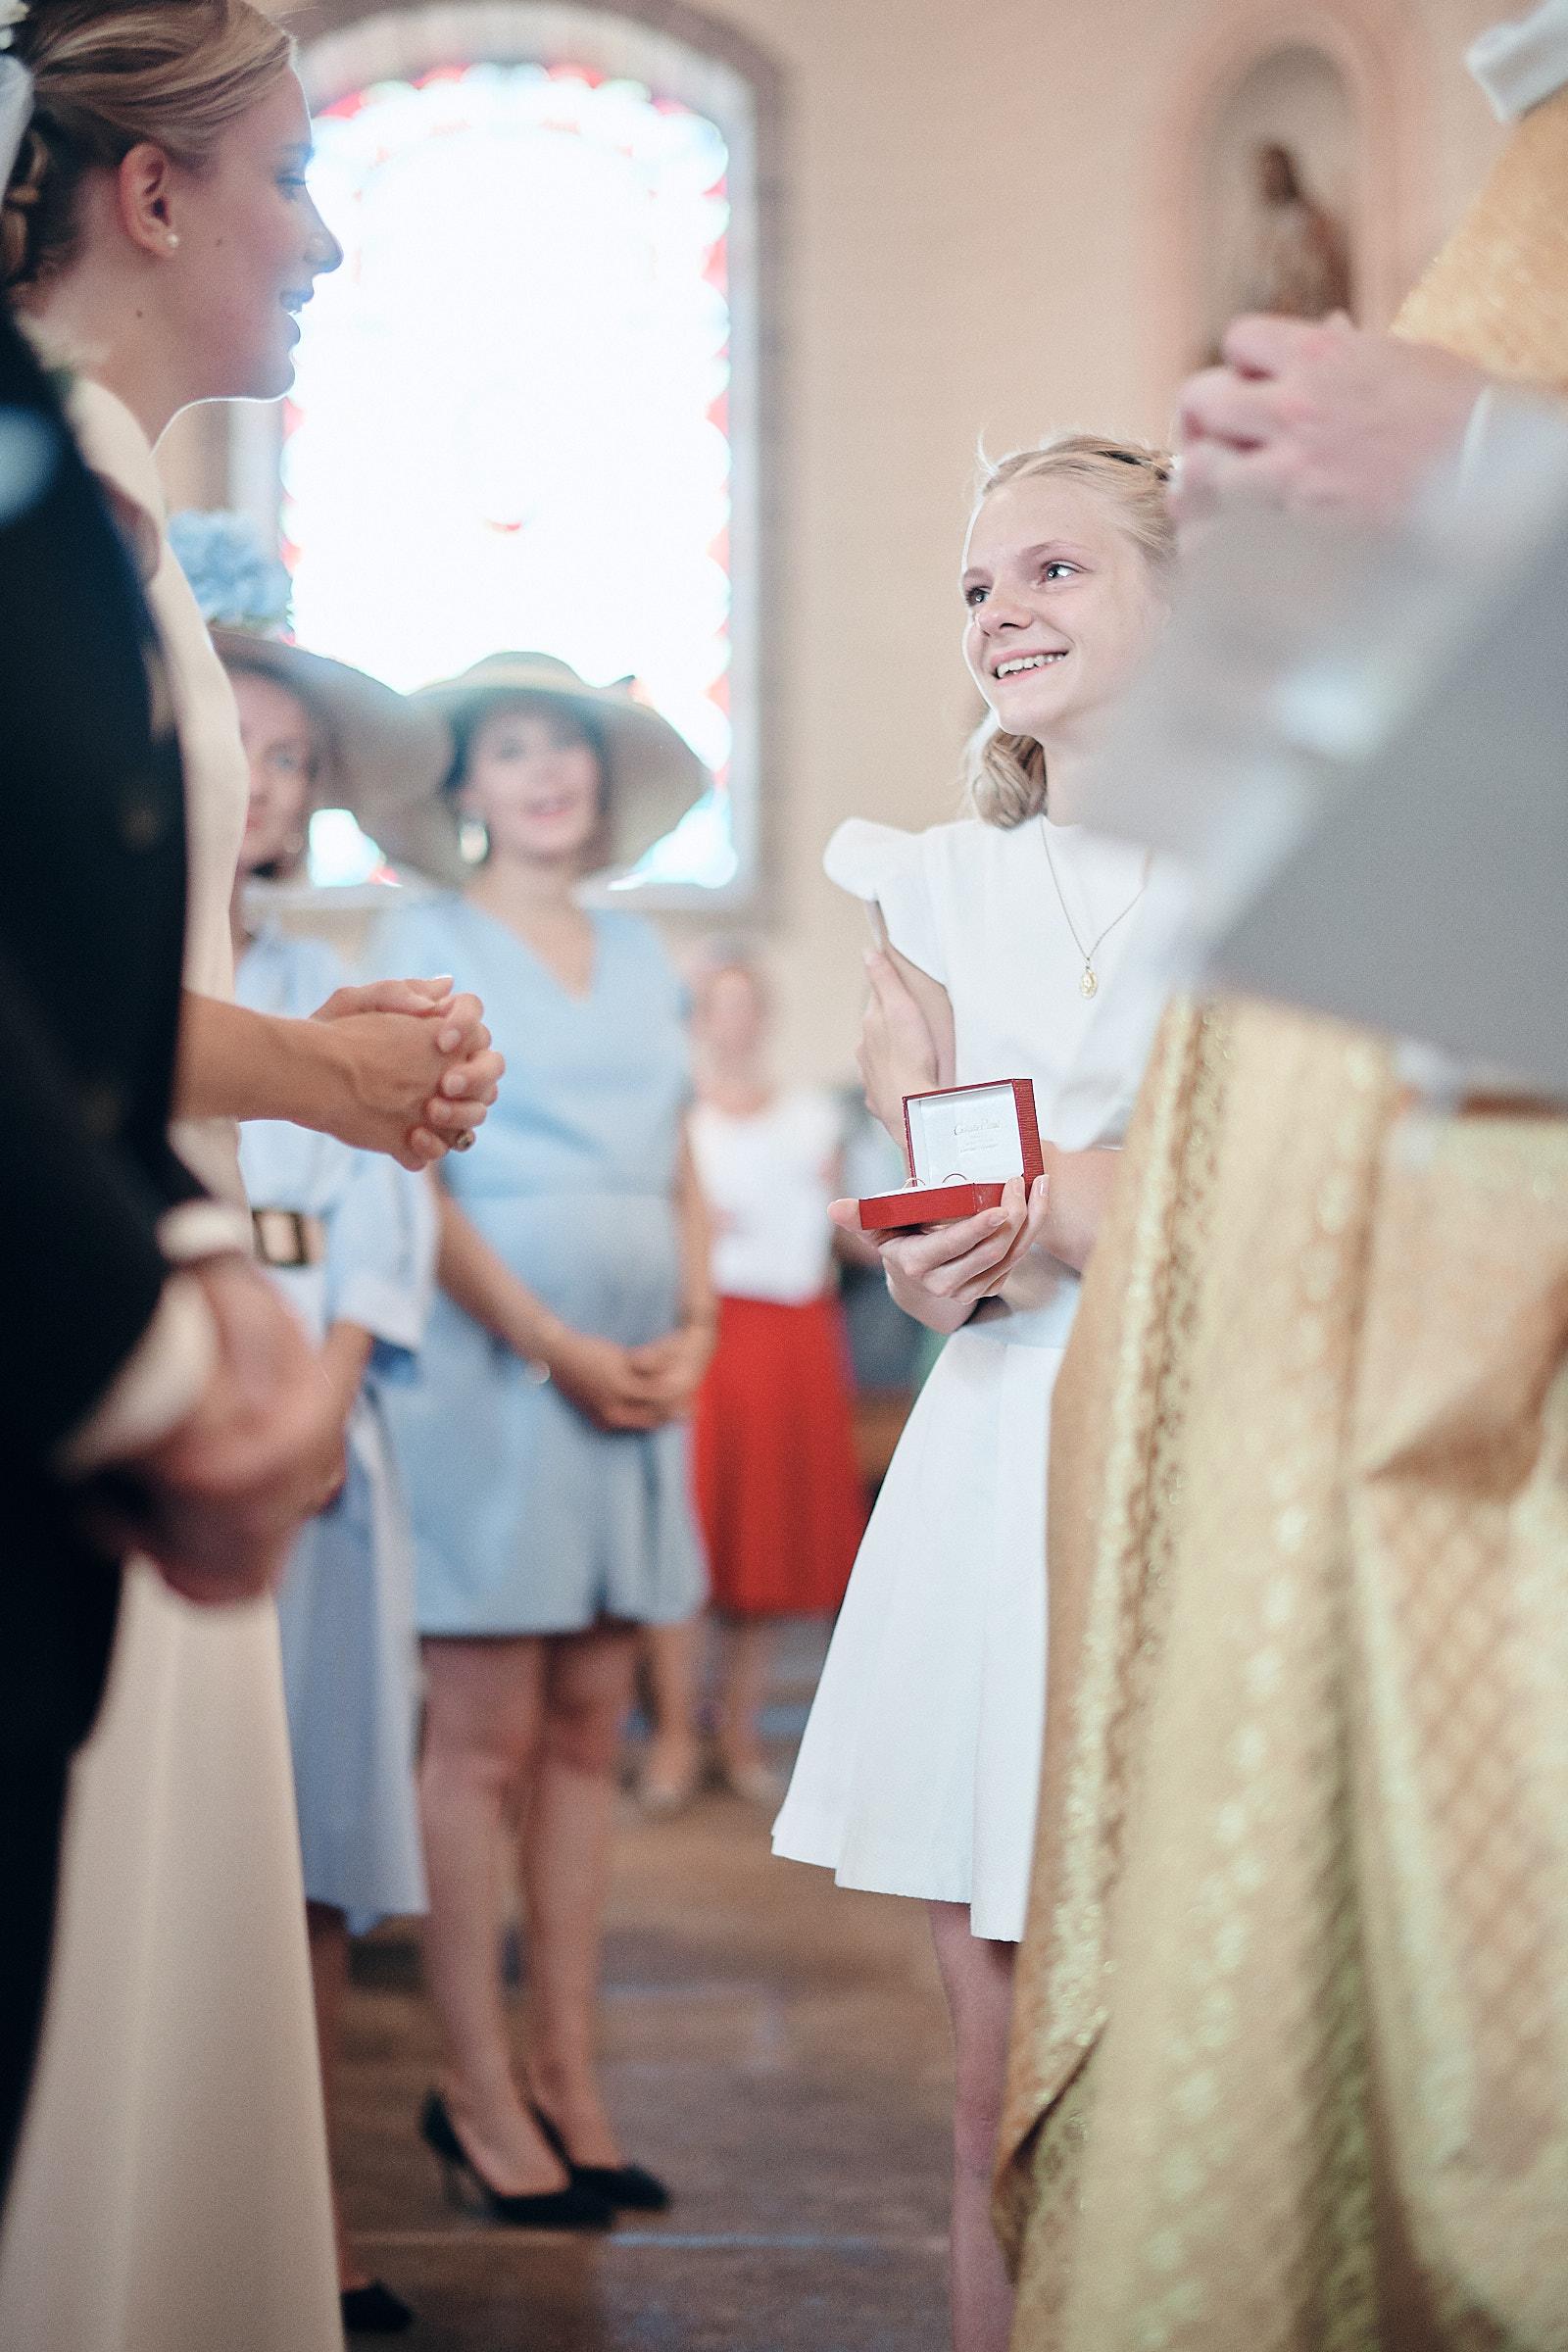 la soeur de la mariée amène les alliances